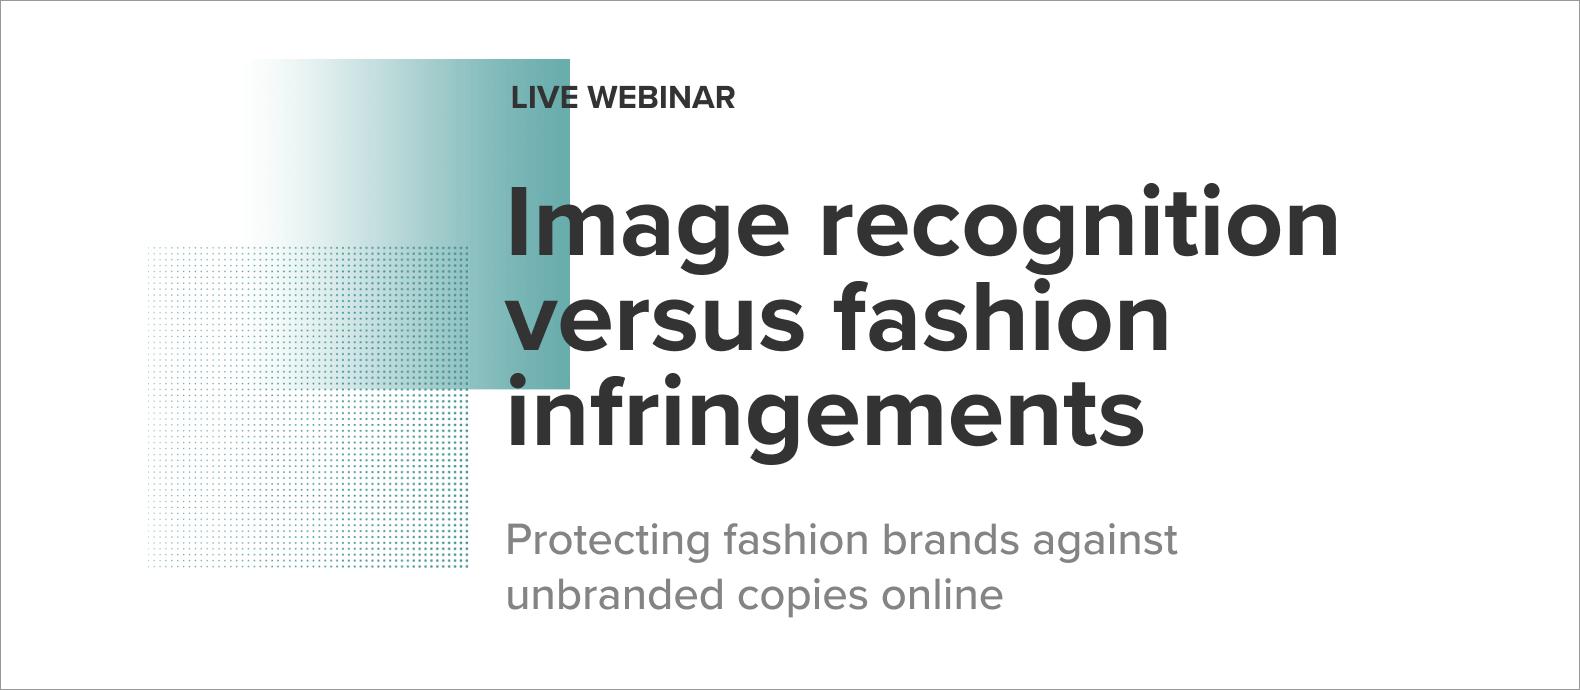 webinar-image-recognition-versus-fashion-infringement